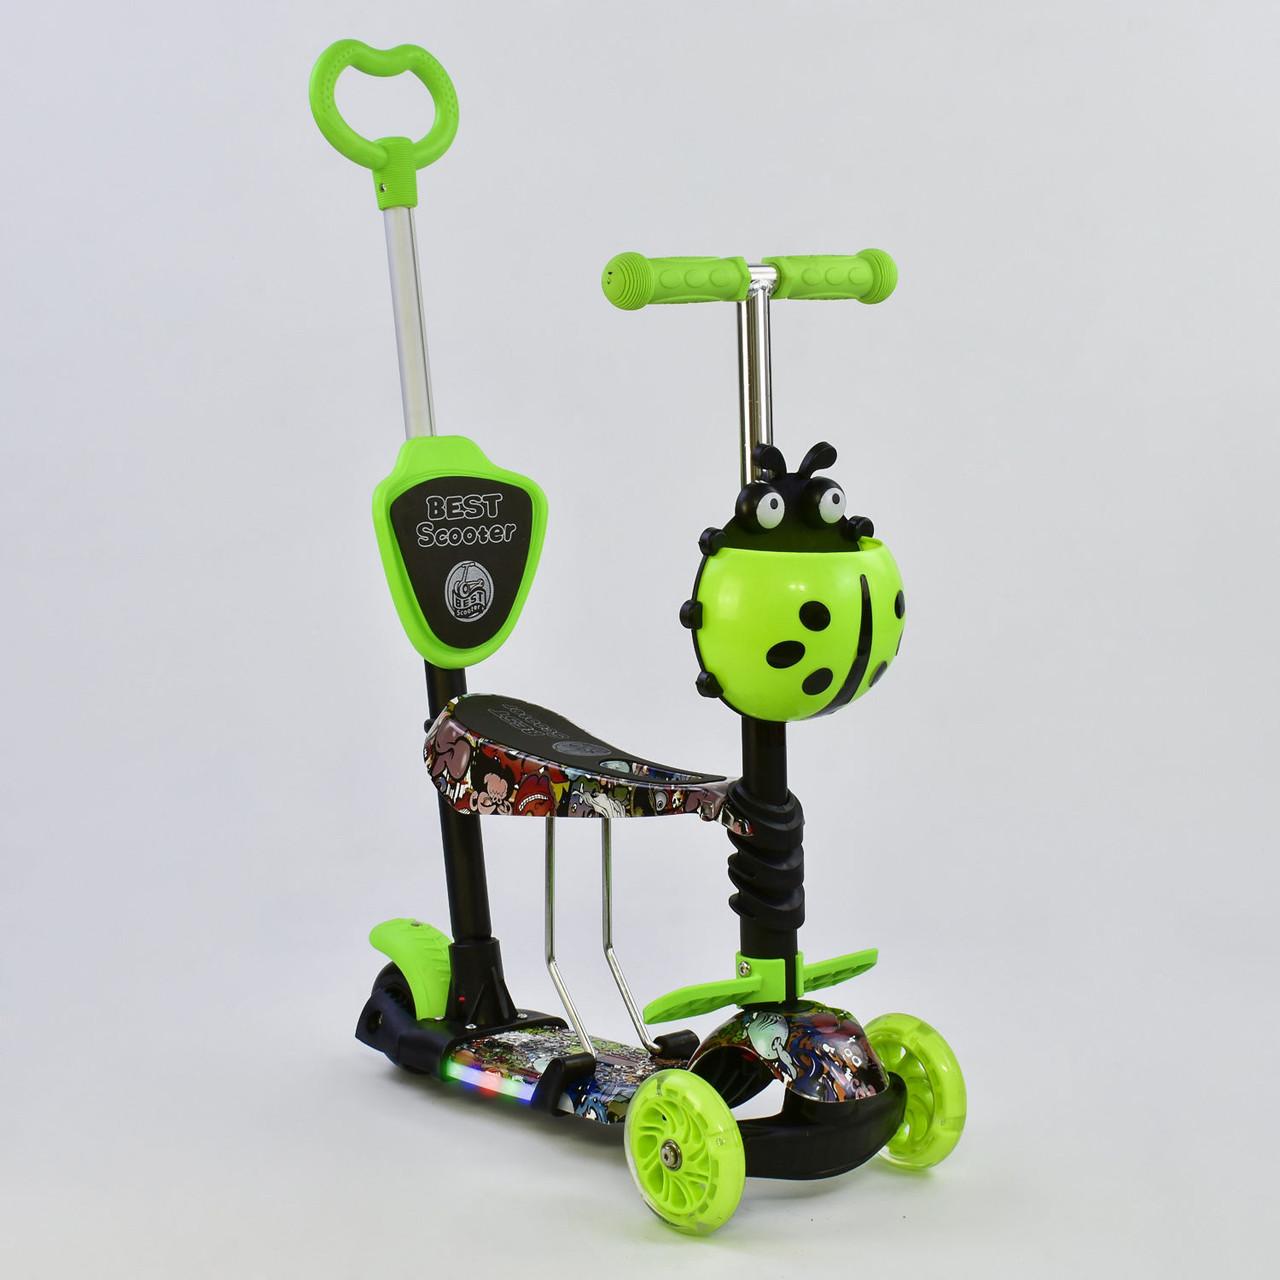 Самокат 5в1 Best Scooter 65030 PU колеса Гарантия качества Быстрая доставка